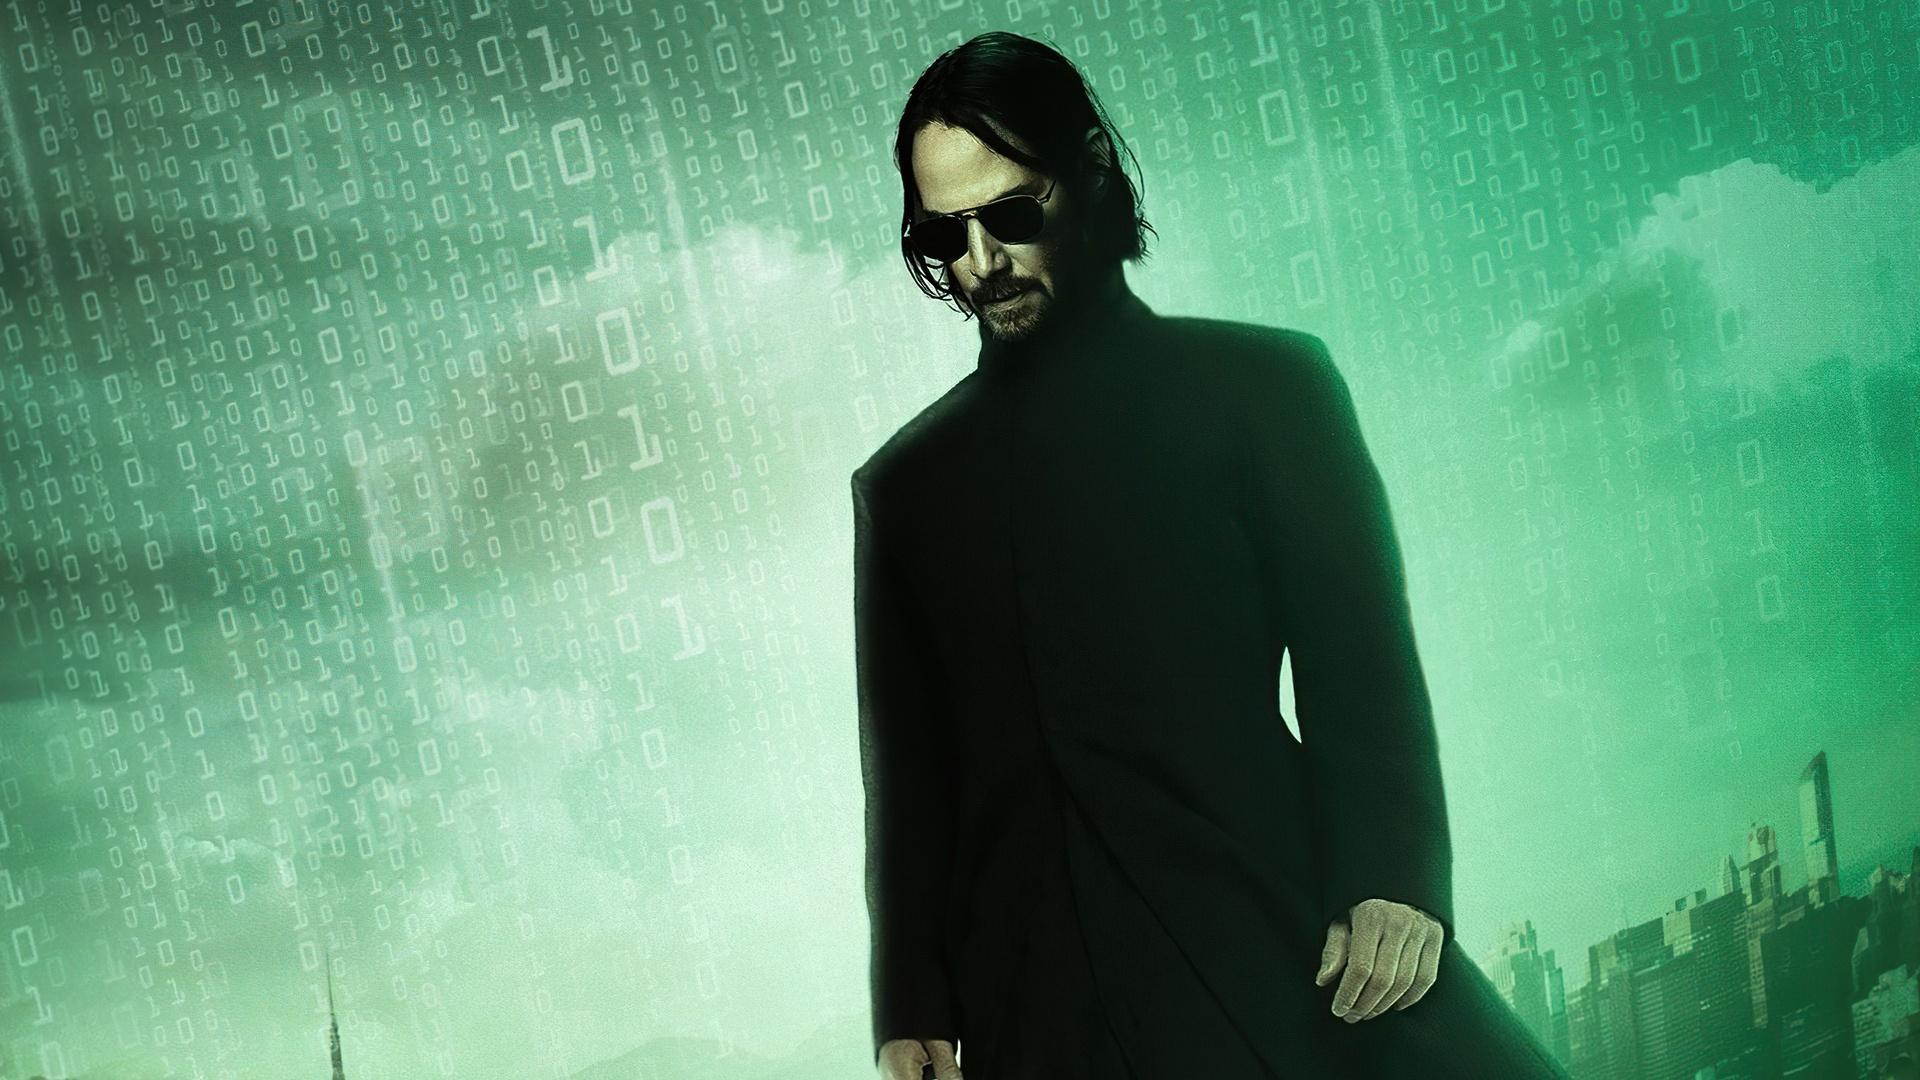 The Matrix 4 free picture